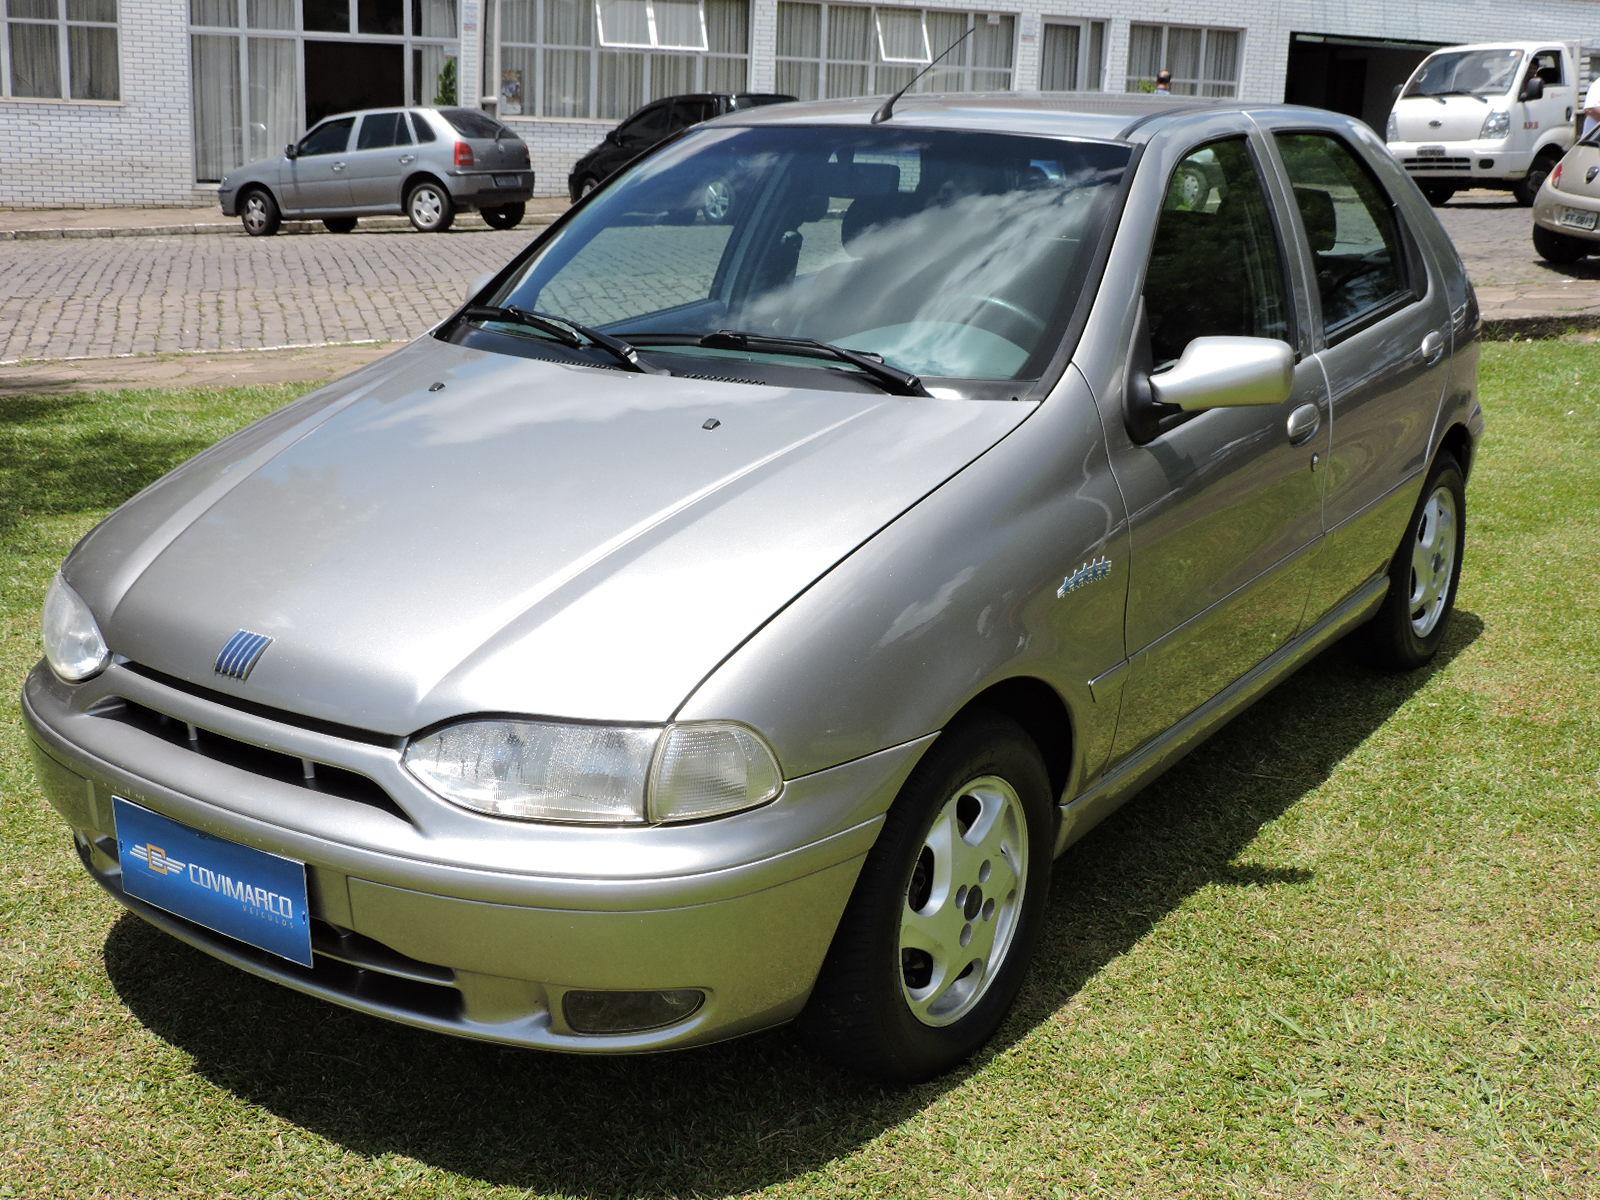 palio-2000-034